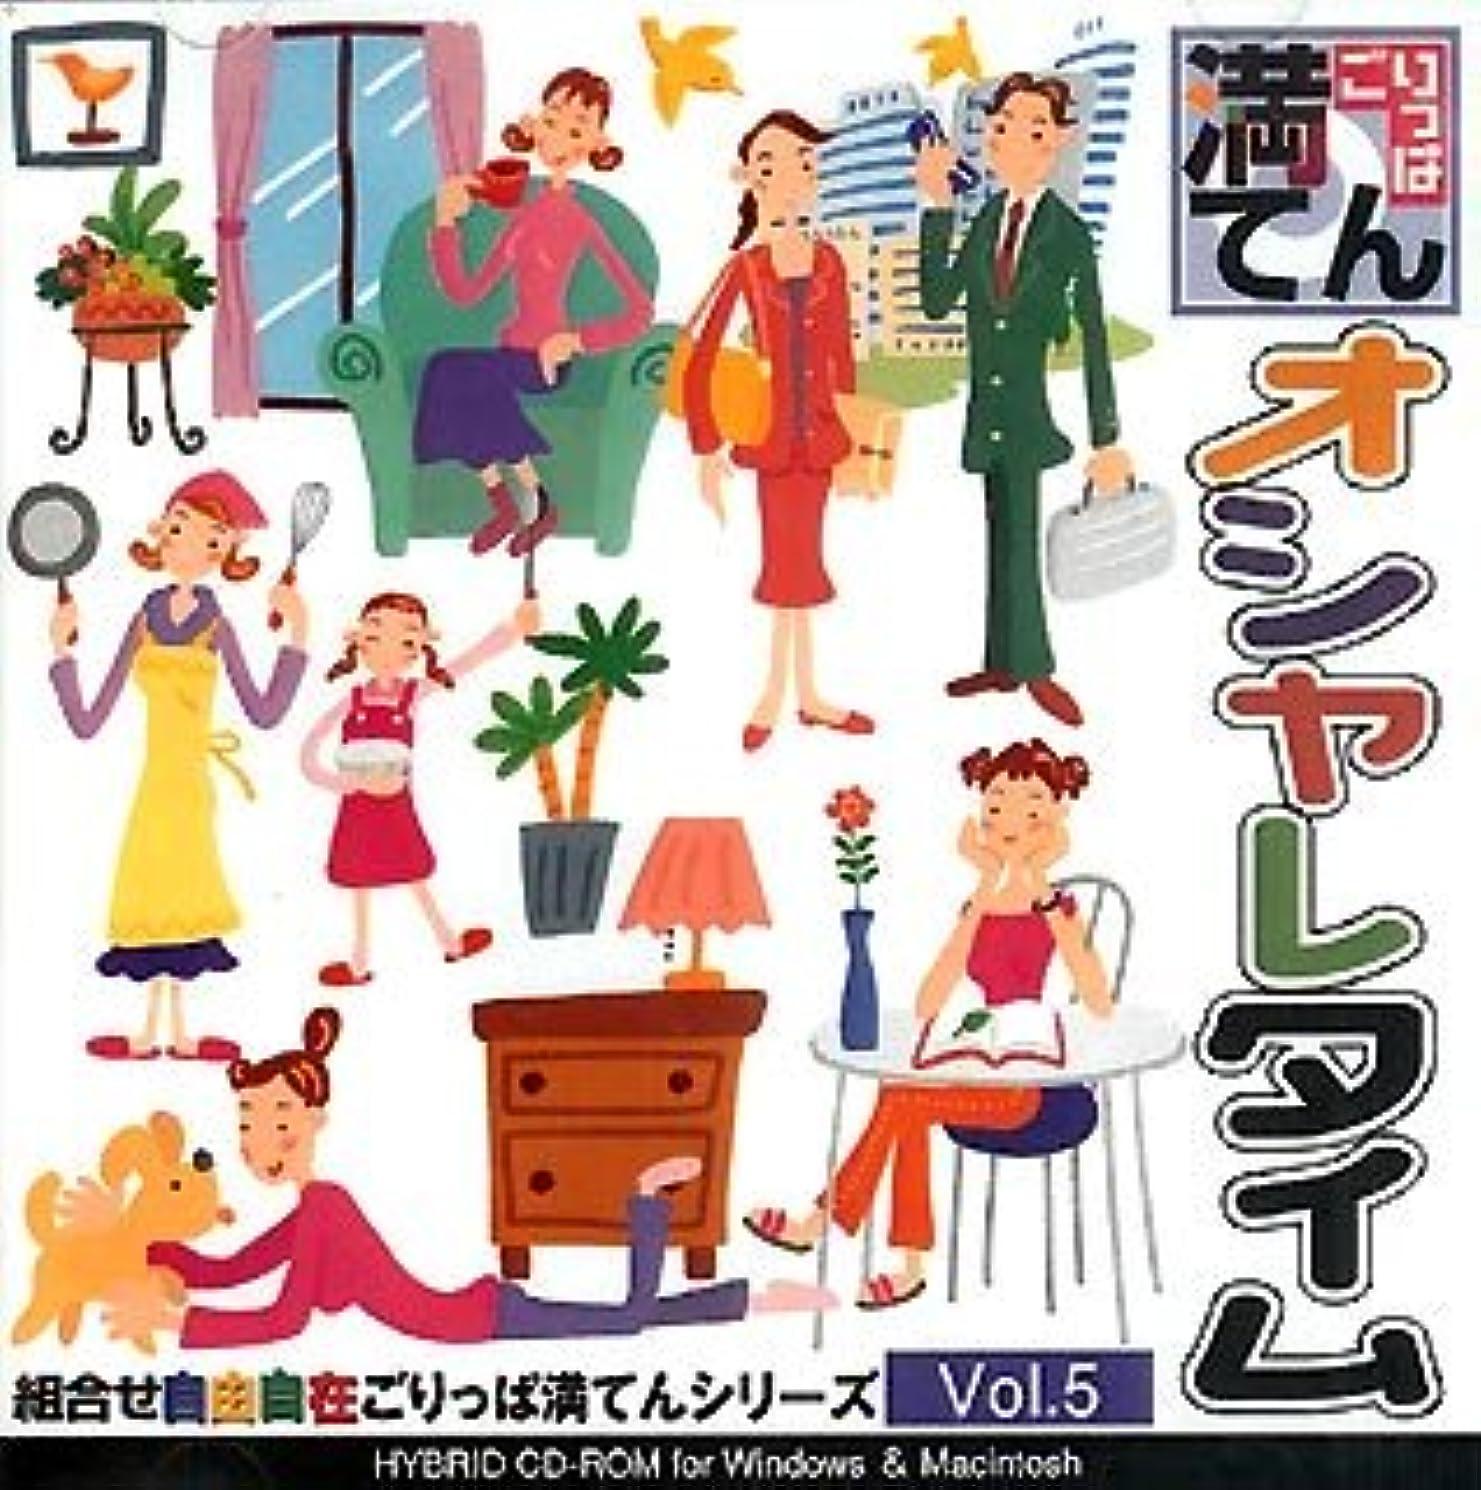 パイ大胆メイトごりっぱ満てんシリーズ Vol.5「オシャレタイム」